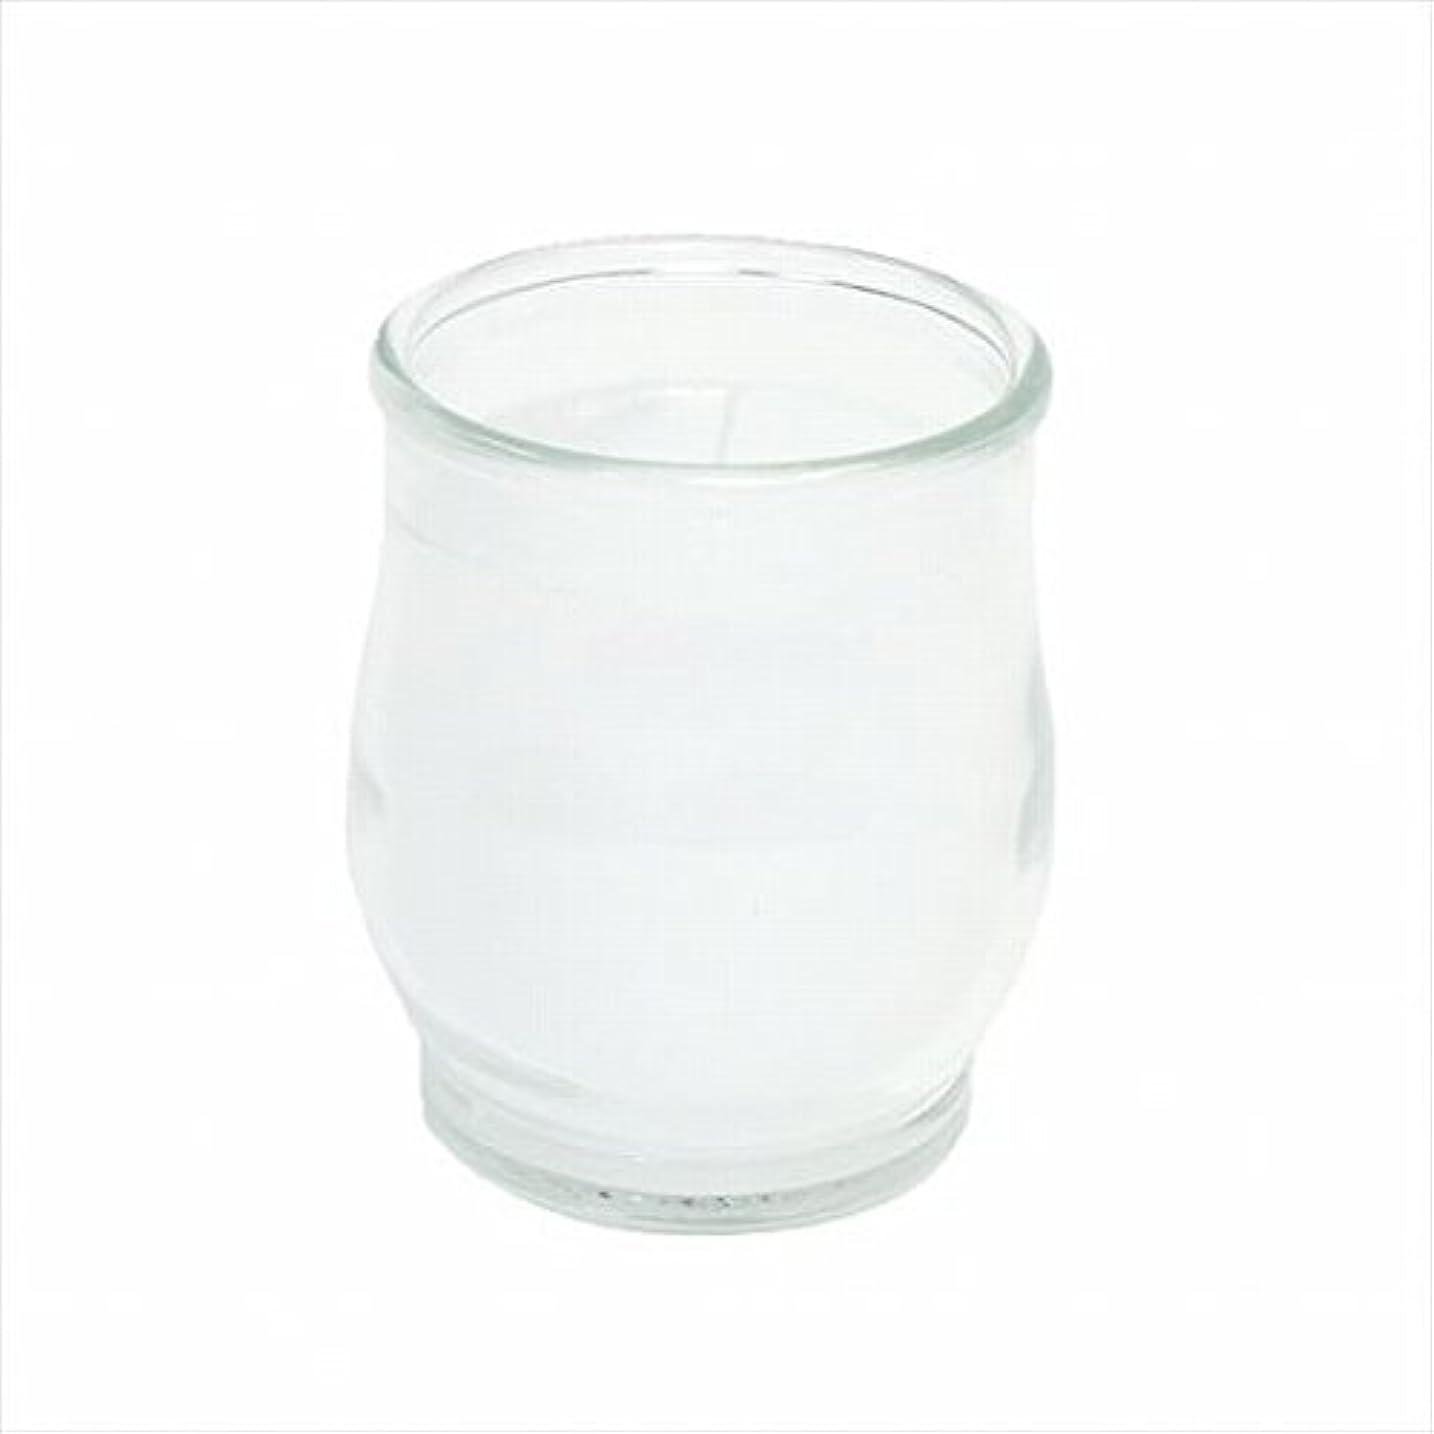 エクステント所属大きいカメヤマキャンドル(kameyama candle) ポシェ(非常用コップローソク) 「 クリア 」